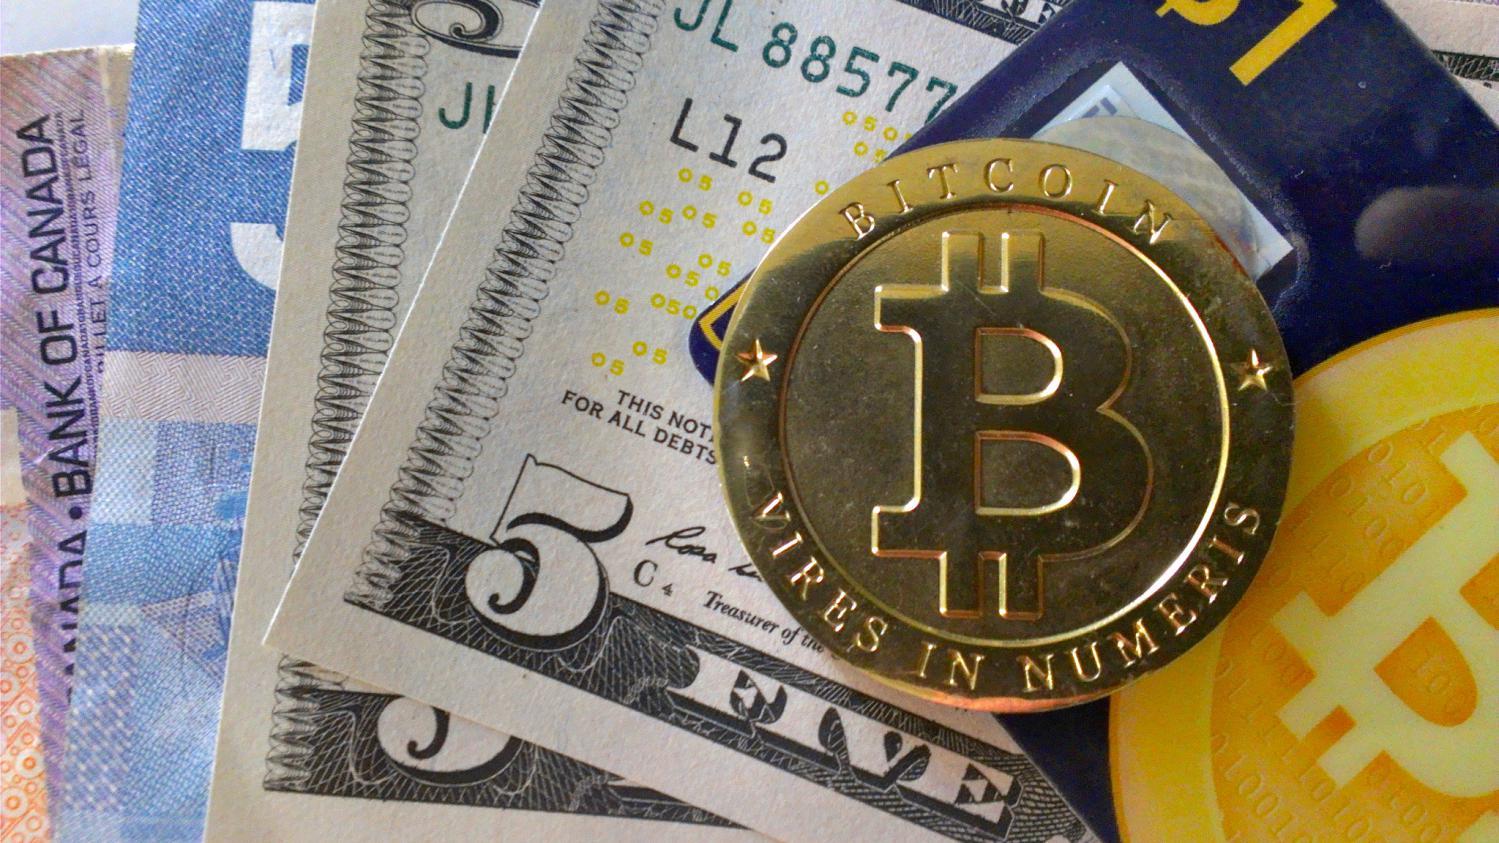 Le Bitcoin, La Monnaie Virtuelle Qui Inquiète Les Marchés à Monnaie Fictive